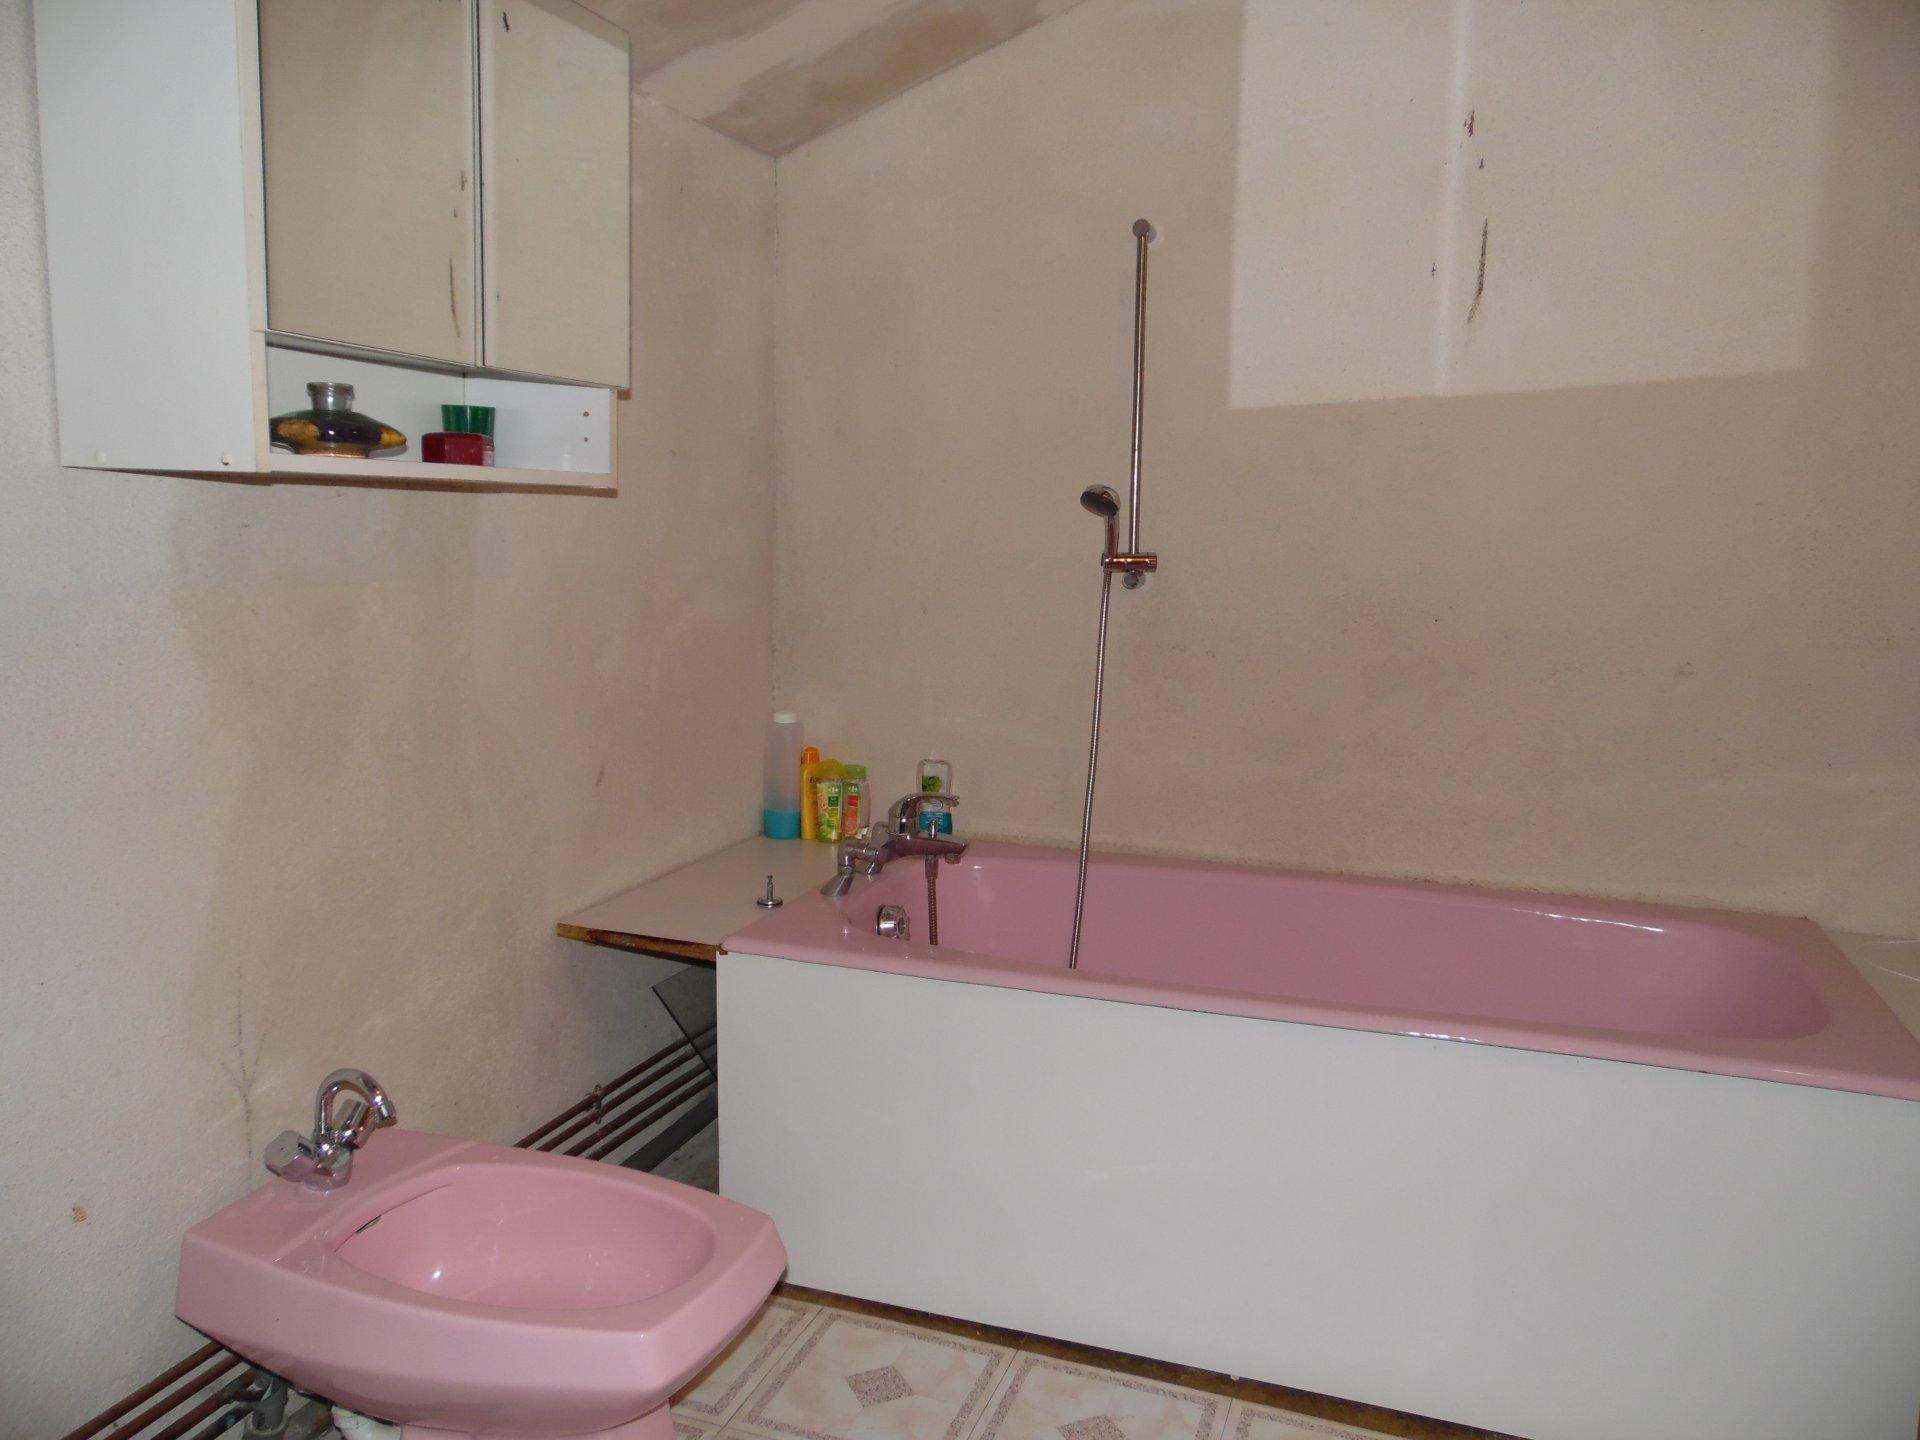 Te koop in Creuse, groot woonhuis, garages en tuin(3908m²)